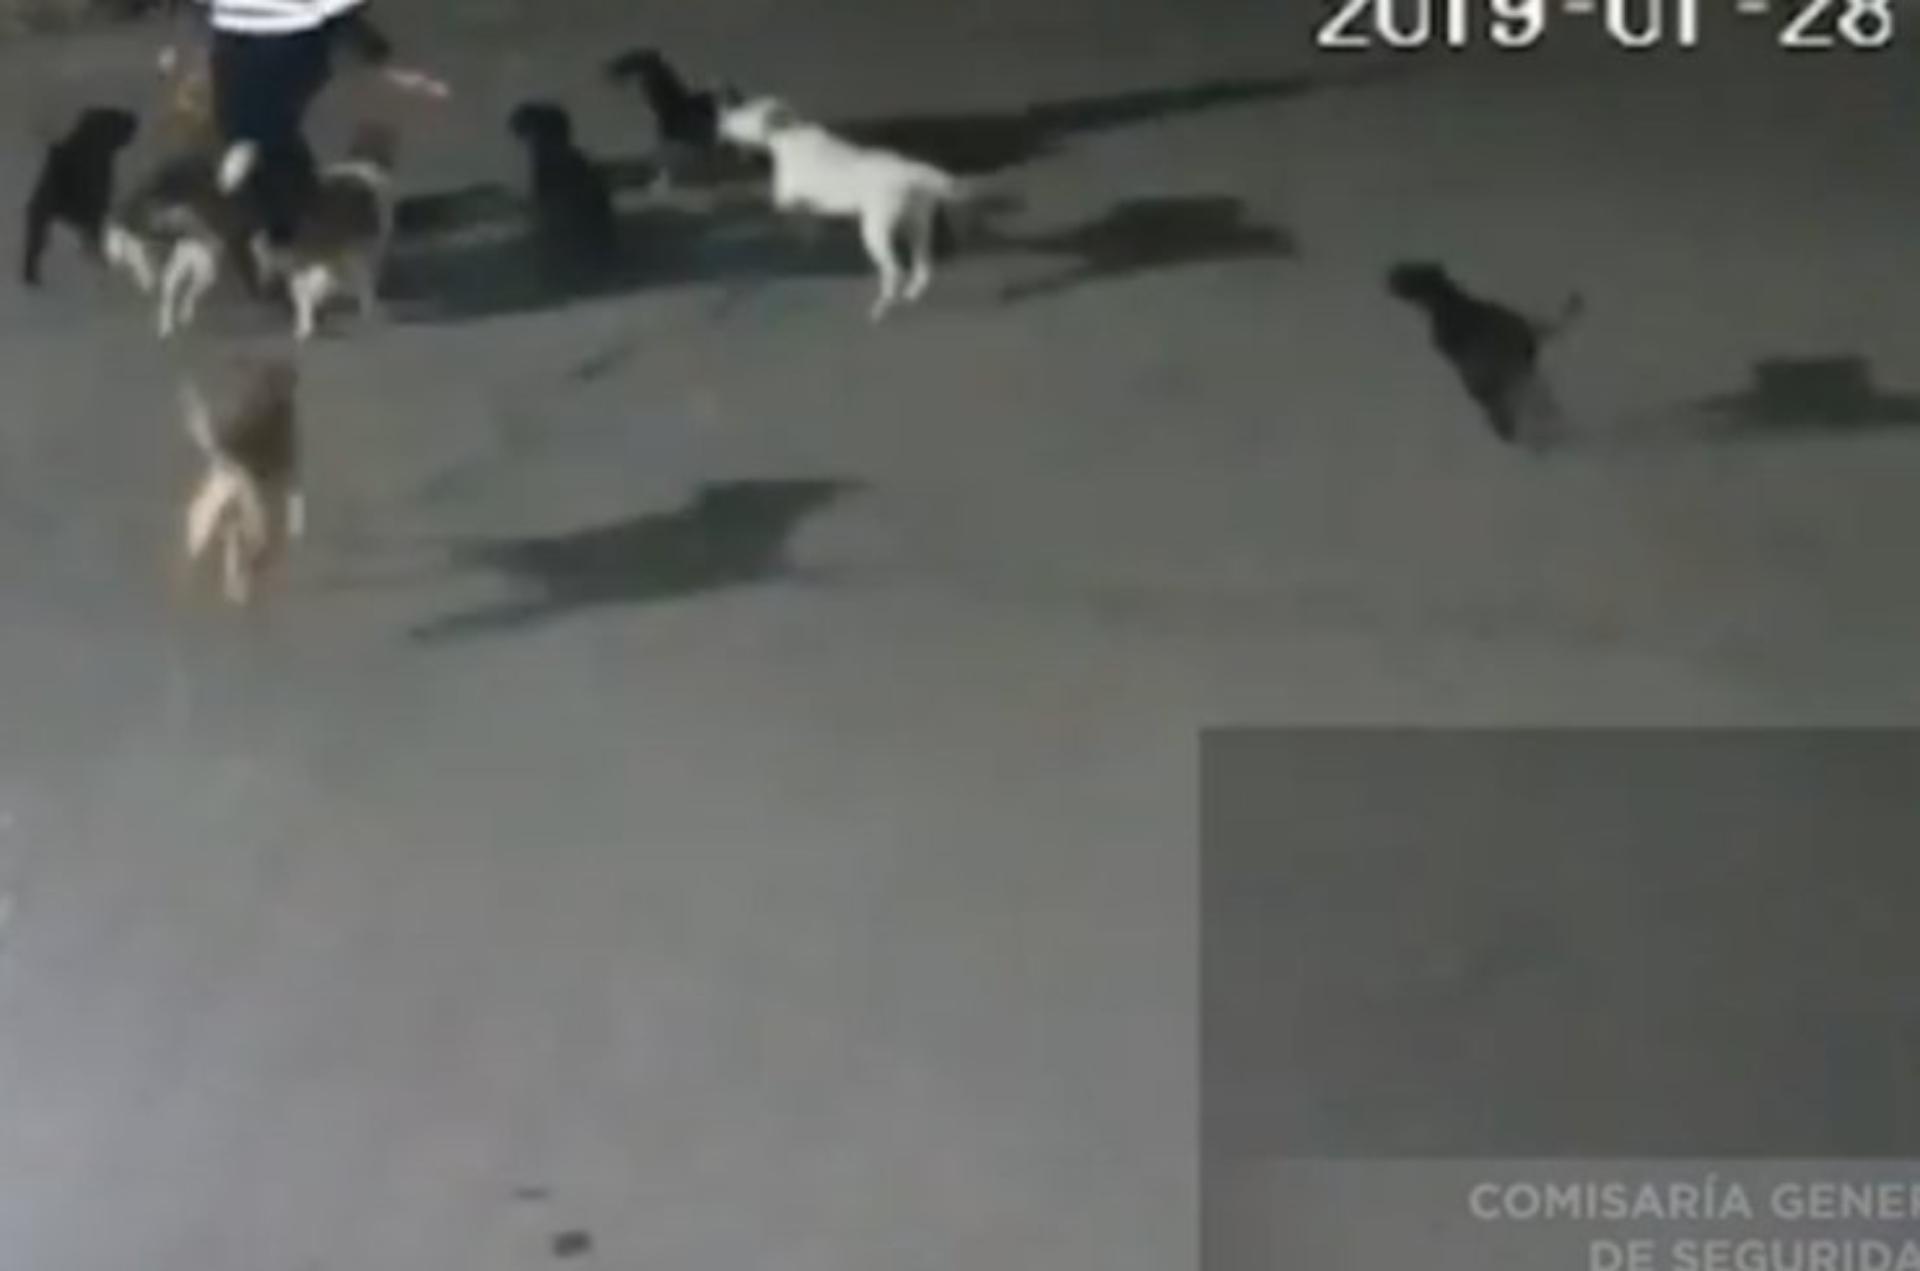 Los perros no serán sacrificados (Foto: Captura de pantalla)